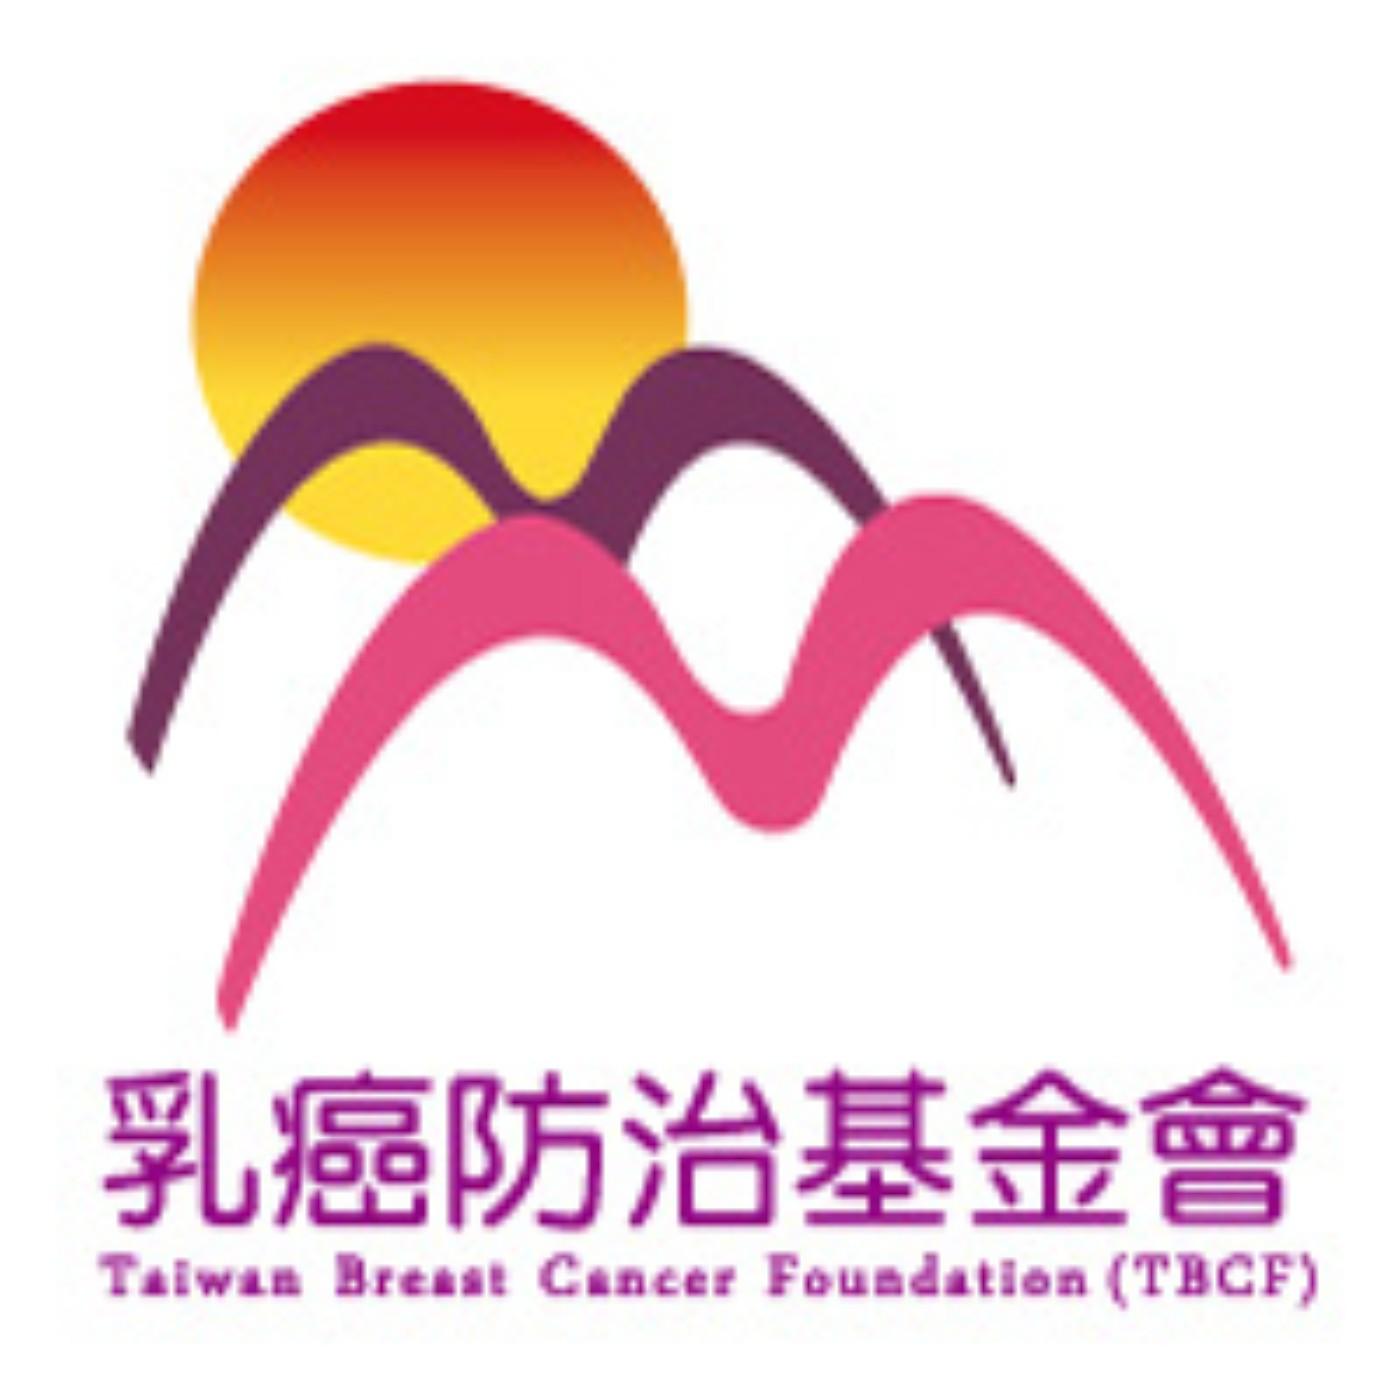 【健康講座】葉顯堂副院長_三陰性乳癌治療的新趨勢